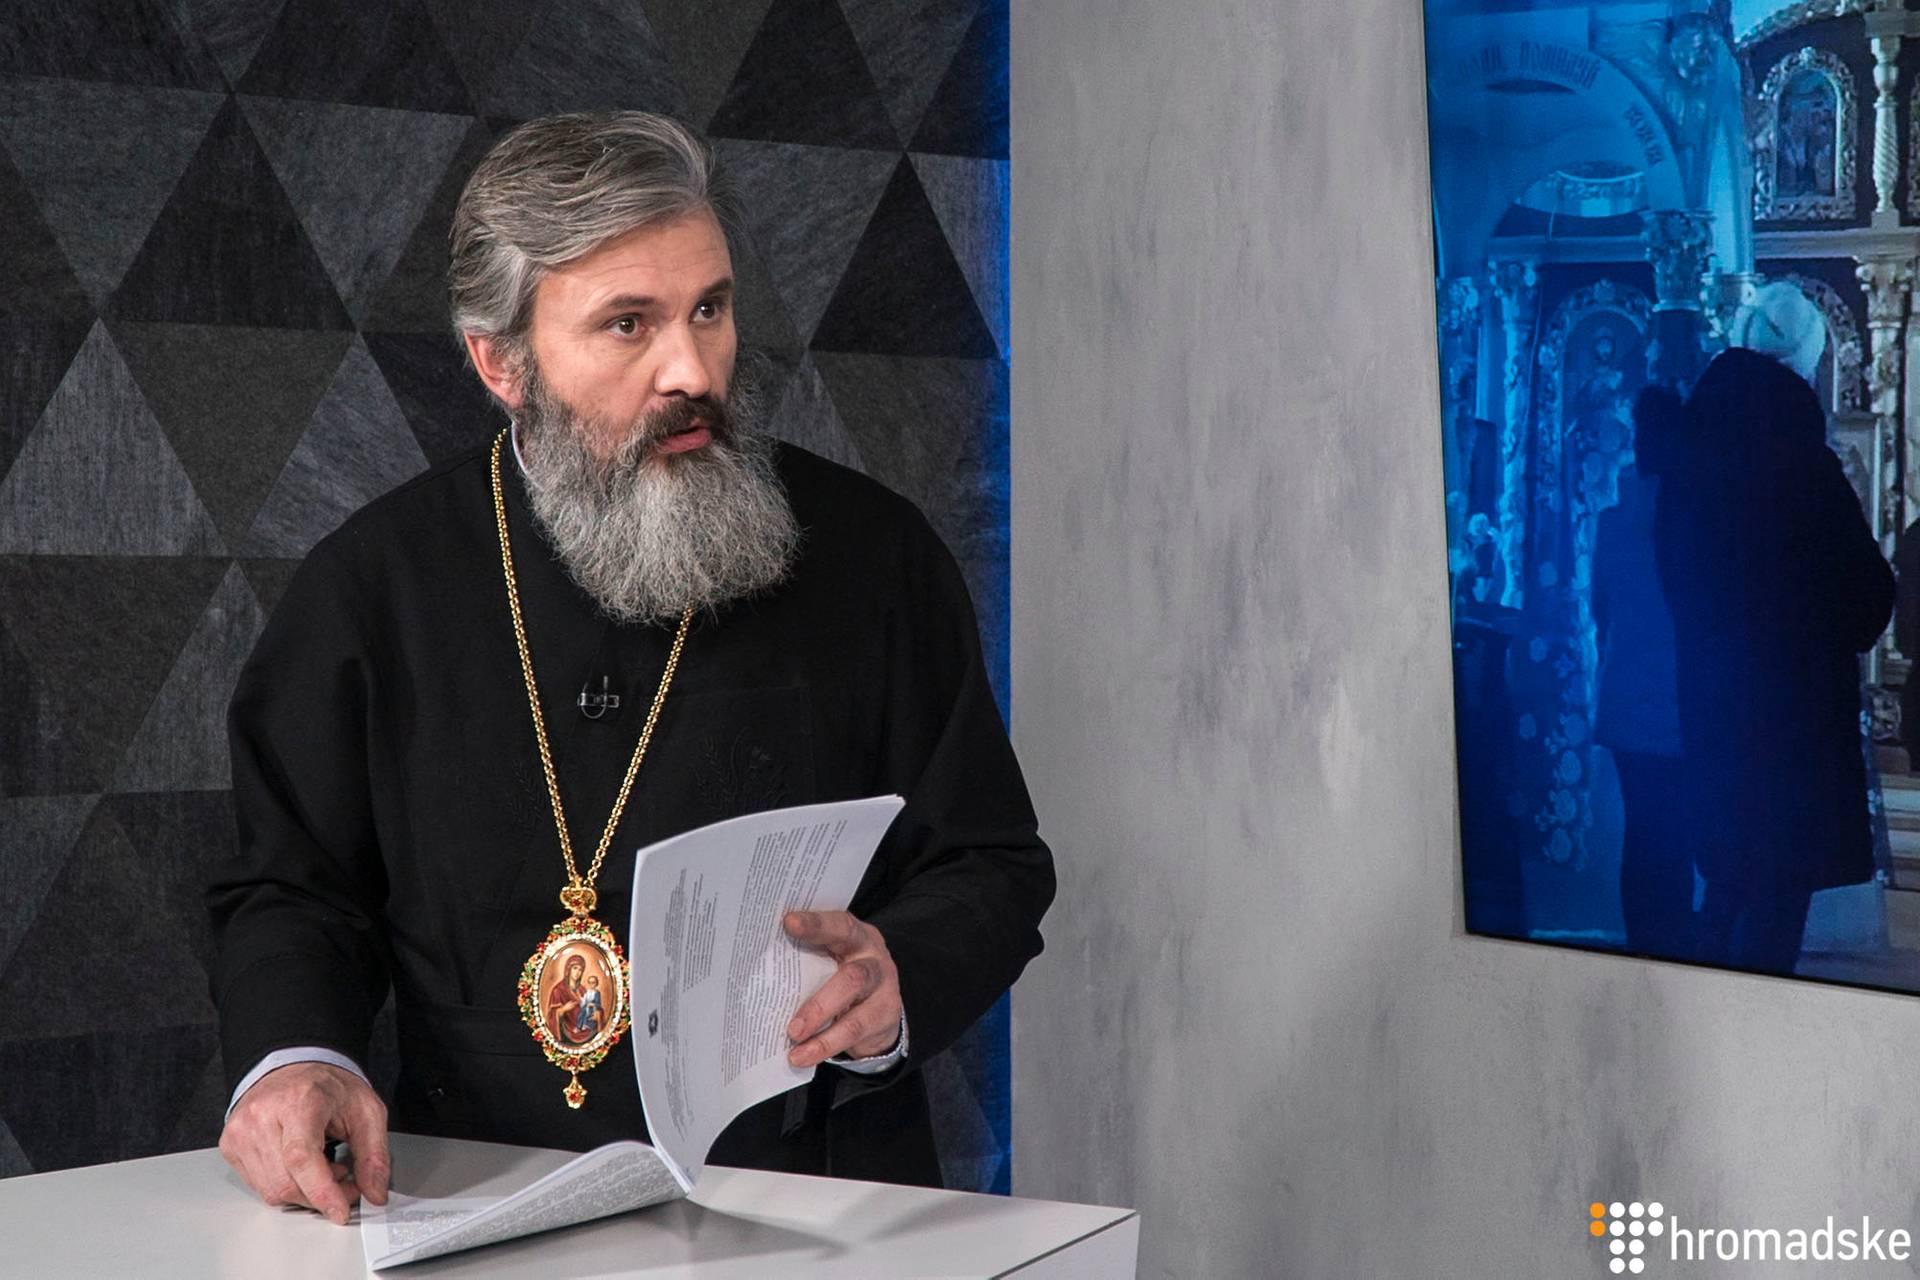 Архієпископ Сімферопольський і Кримський Православної церкви України Климент у студії Громдаського, Київ, 12 лютого 2019 року